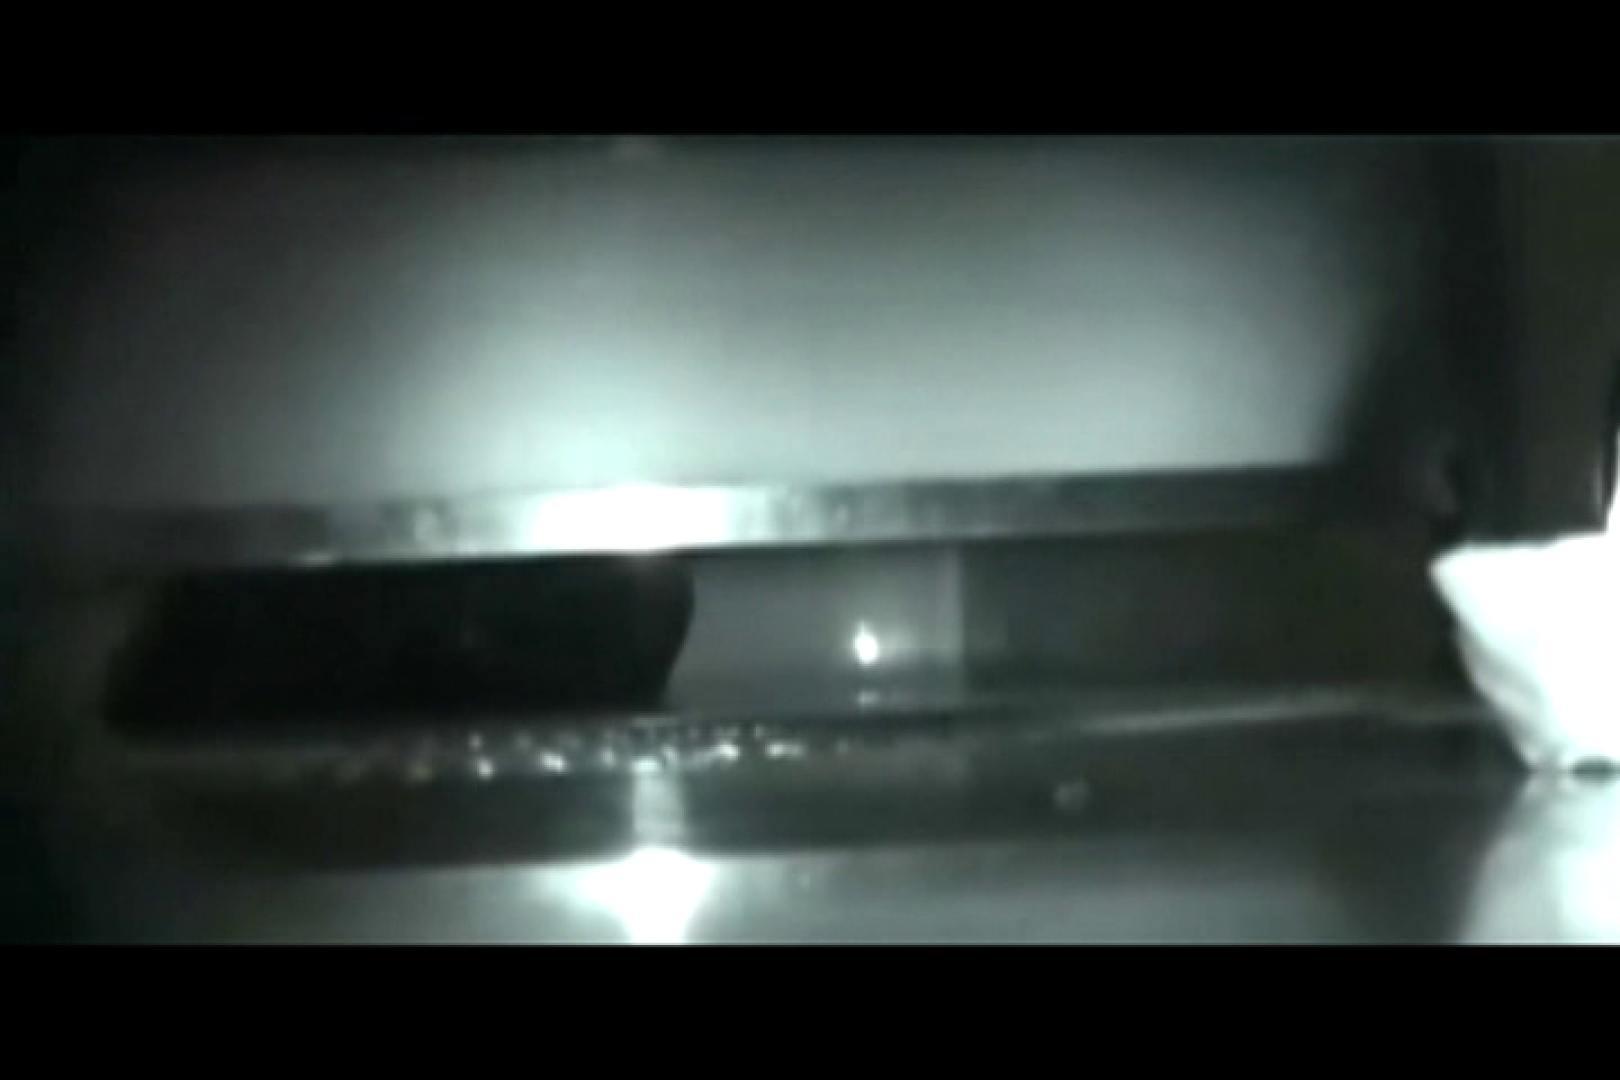 ぼっとん洗面所スペシャルVol.19 洗面所 | おまんこモロ出し  109pic 98